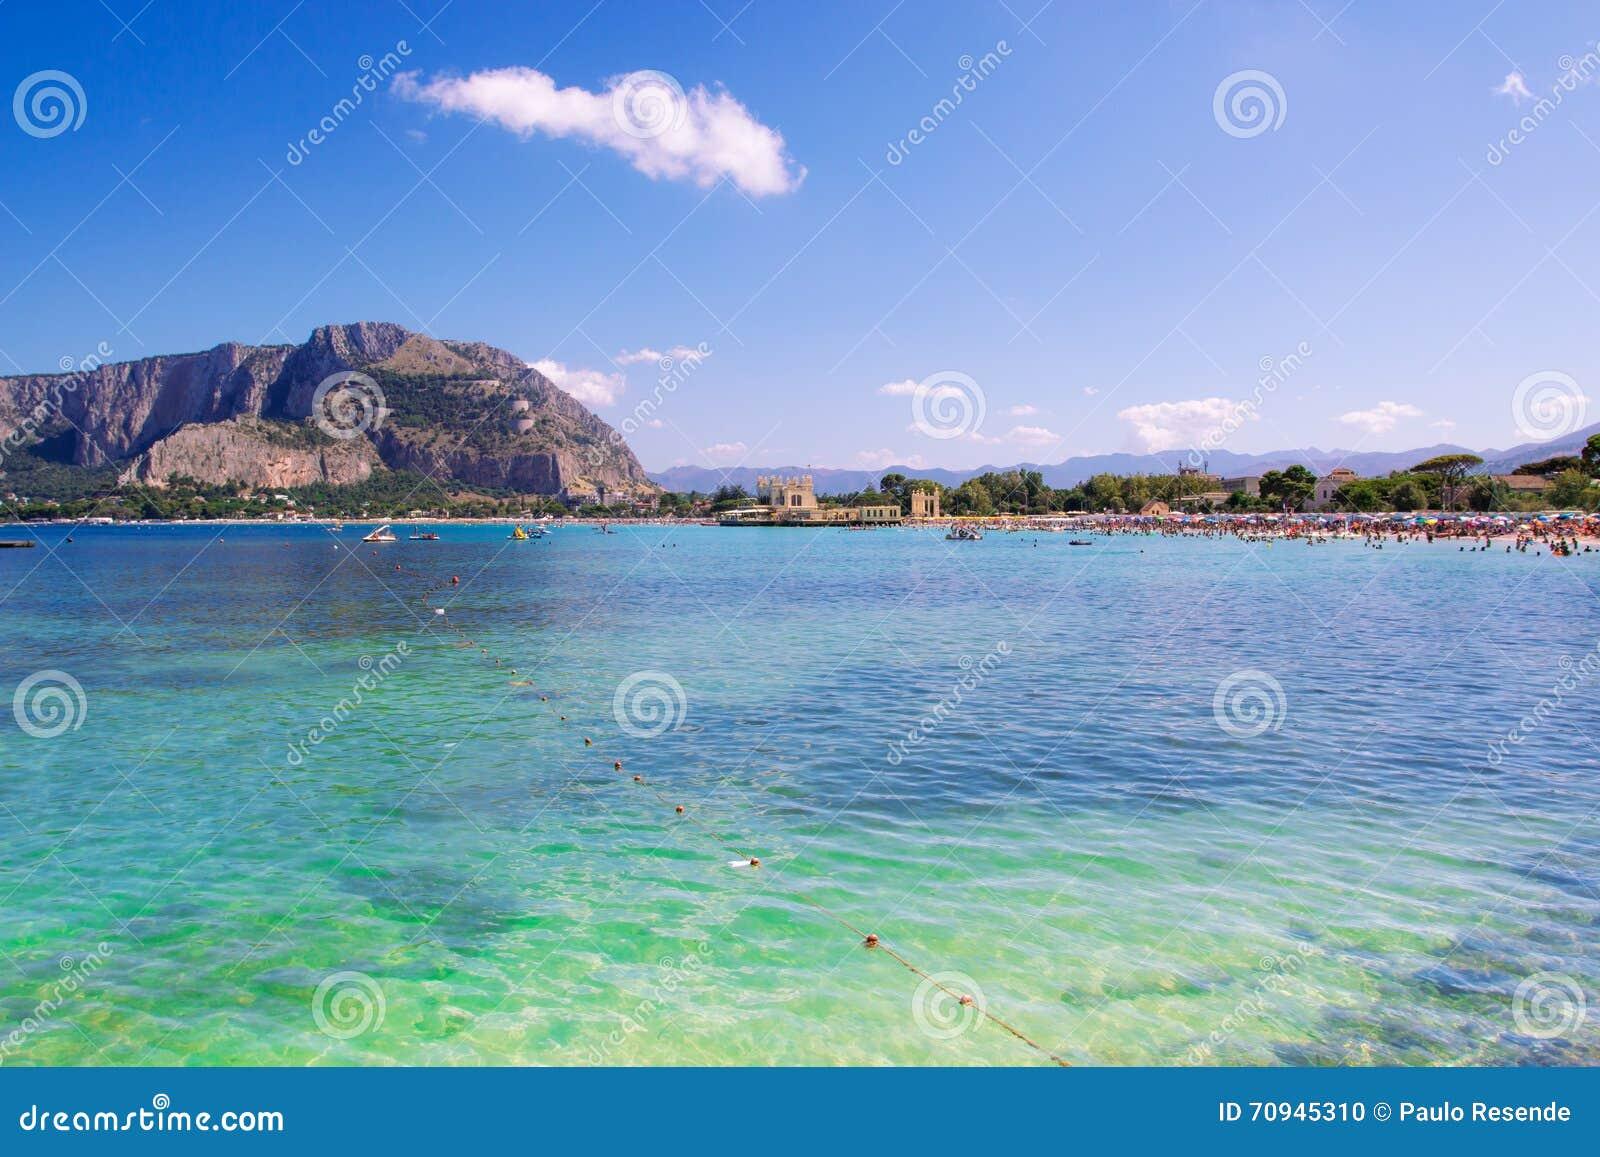 Matrimonio Spiaggia Mondello : Spiaggia di mondello a palermo fotografia stock immagine